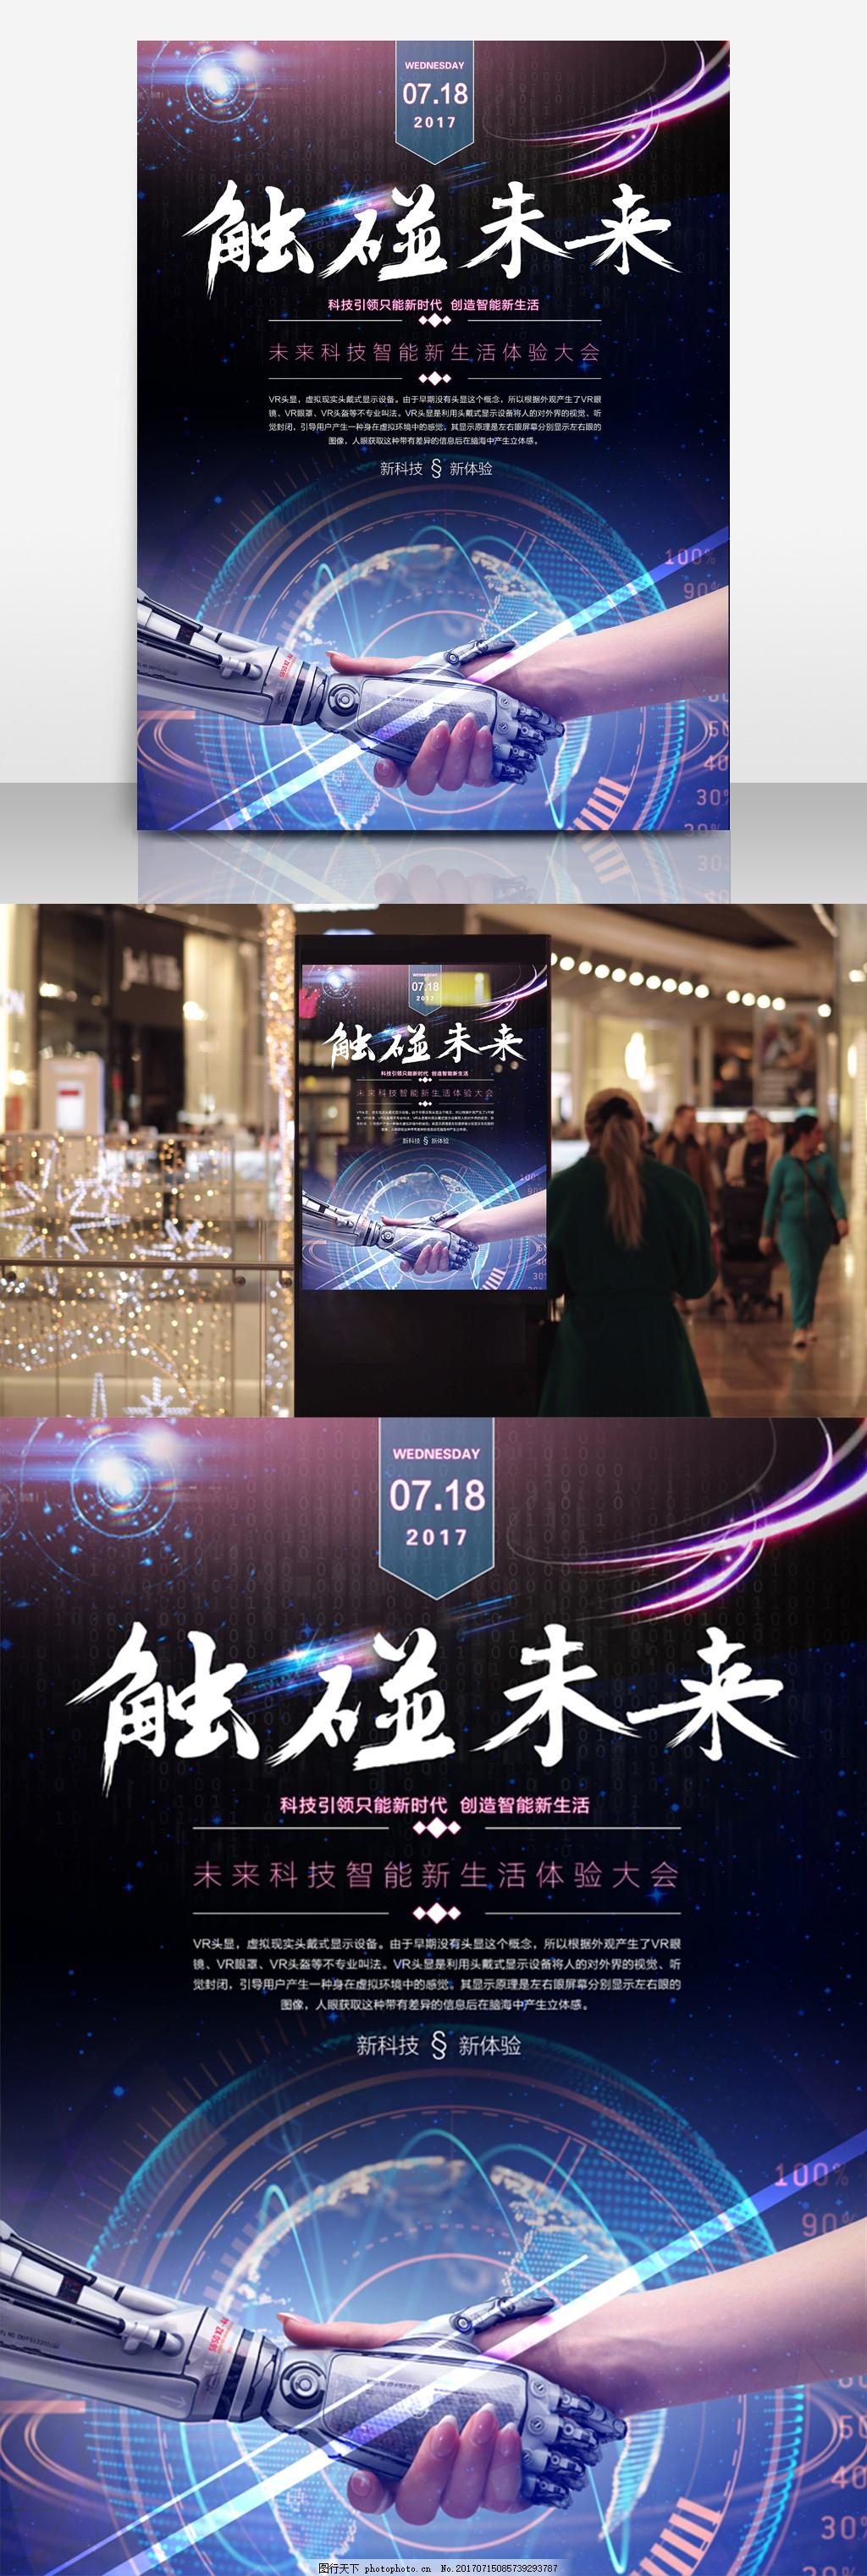 科技海报互联网科技时代科技炫彩海报 蓝色科技海报 科技大会 智能科技时代